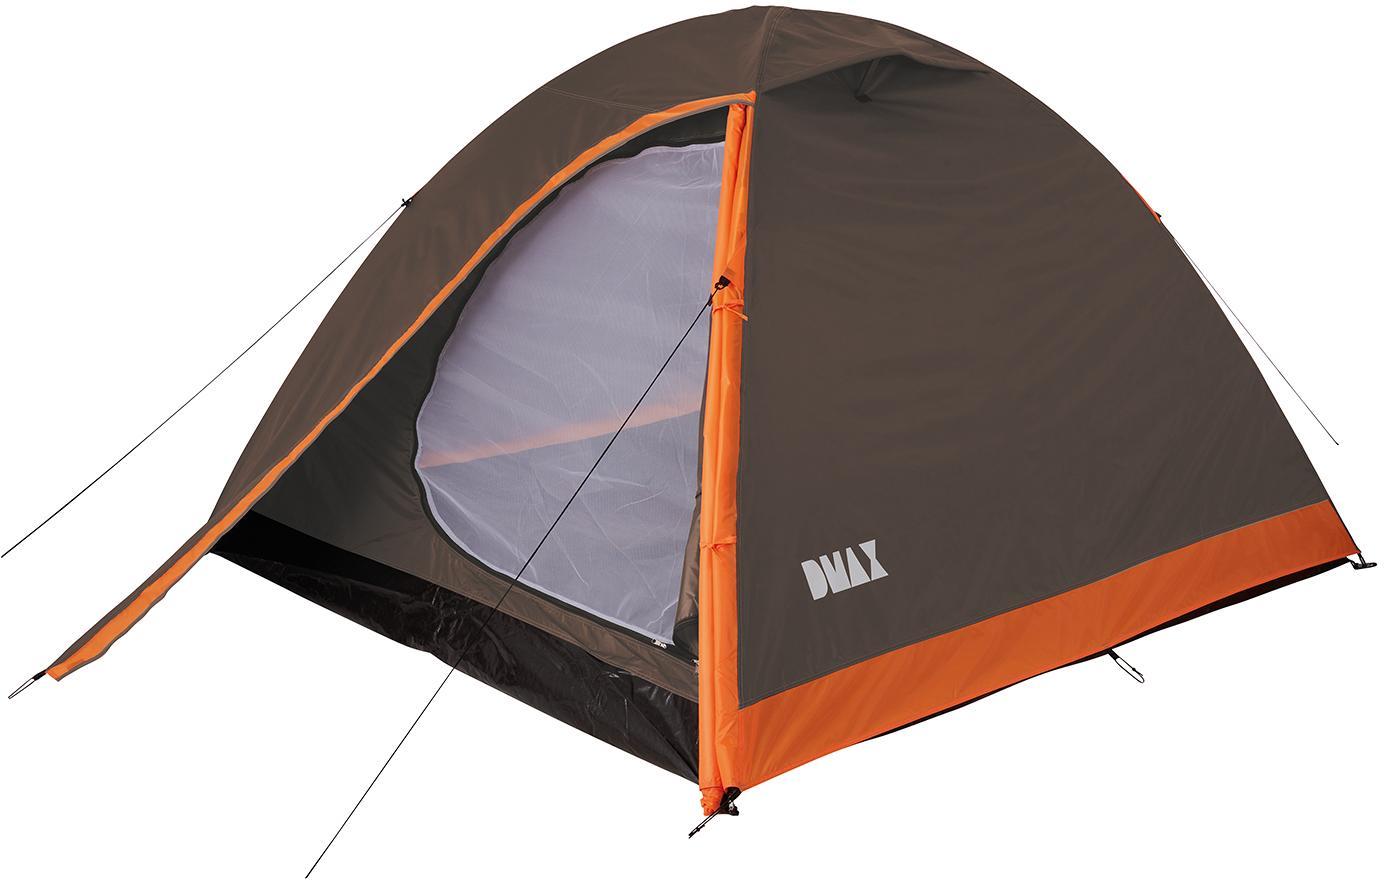 DMAX XXL Zelt, 2 Personen, braunorange von DMAX bei Camping